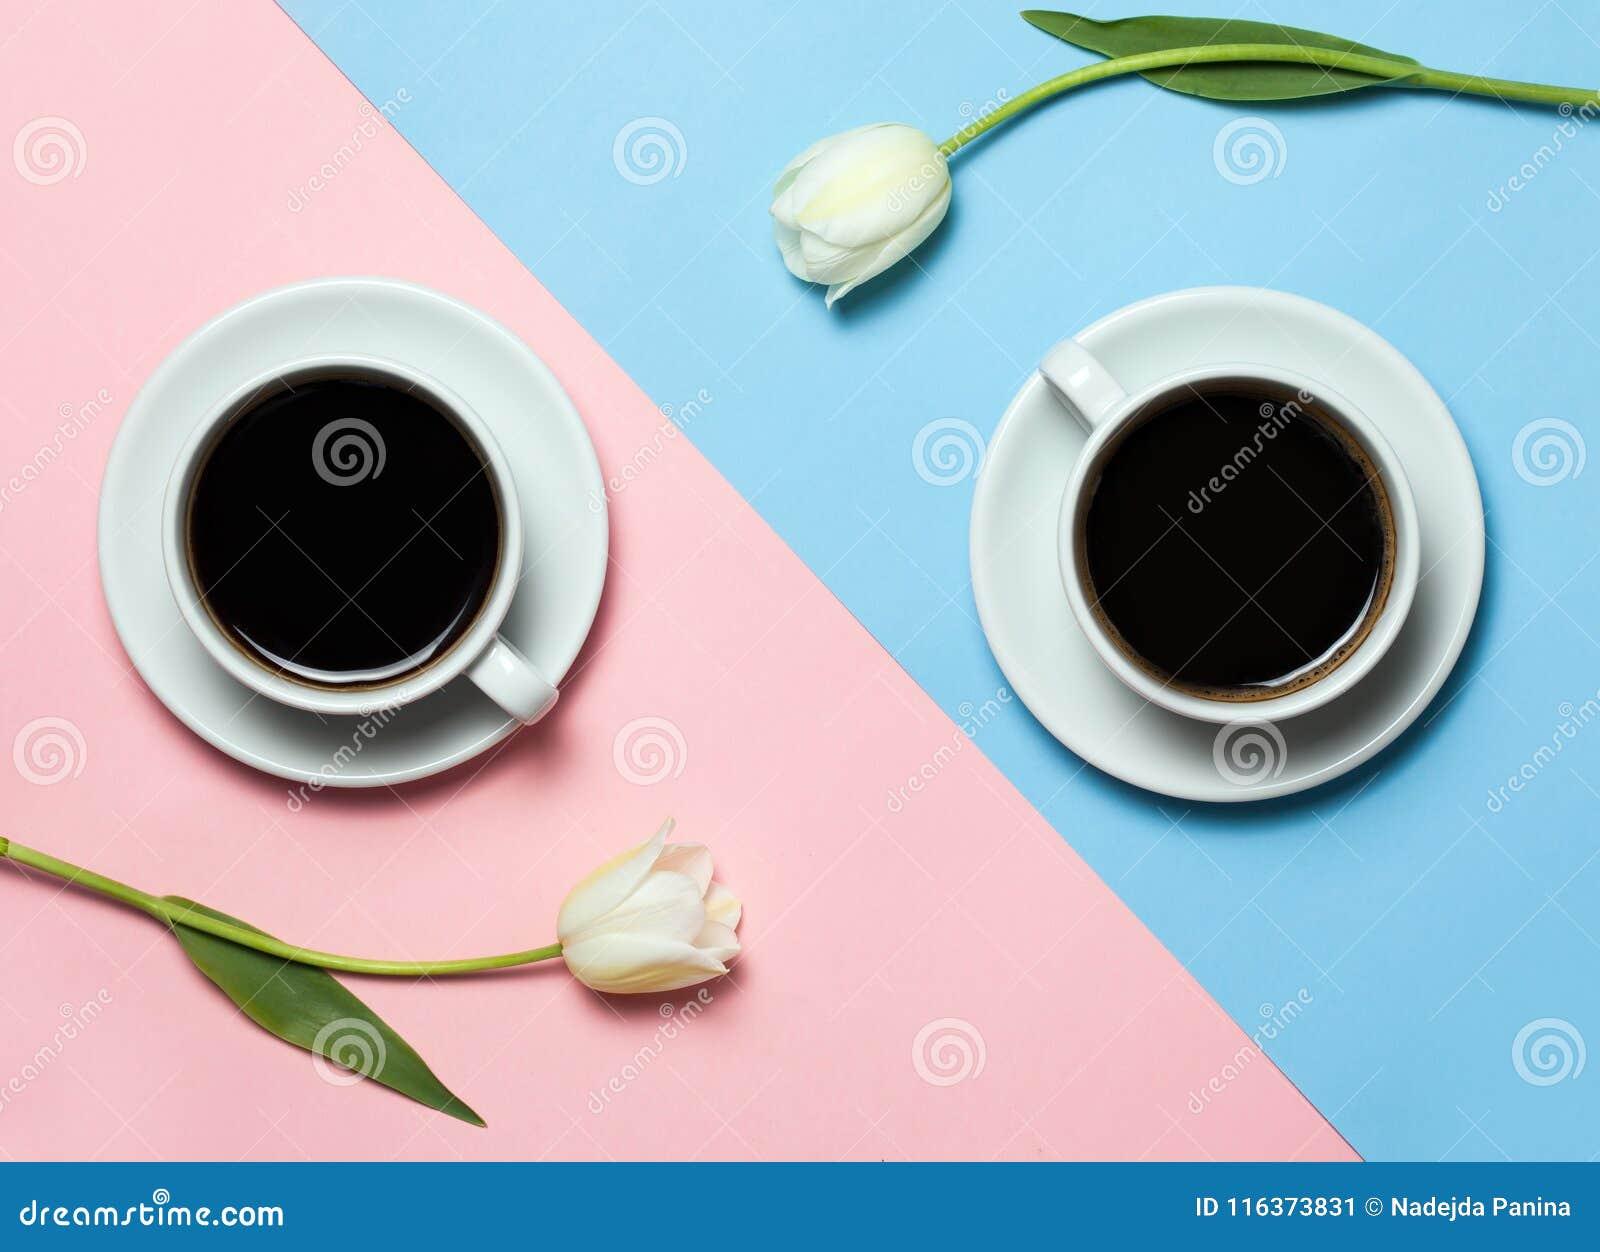 Configuration plate de la photo minimalistic de deux tasses de café et de tulipes sur le fond rose et jaune Concept de café de mi